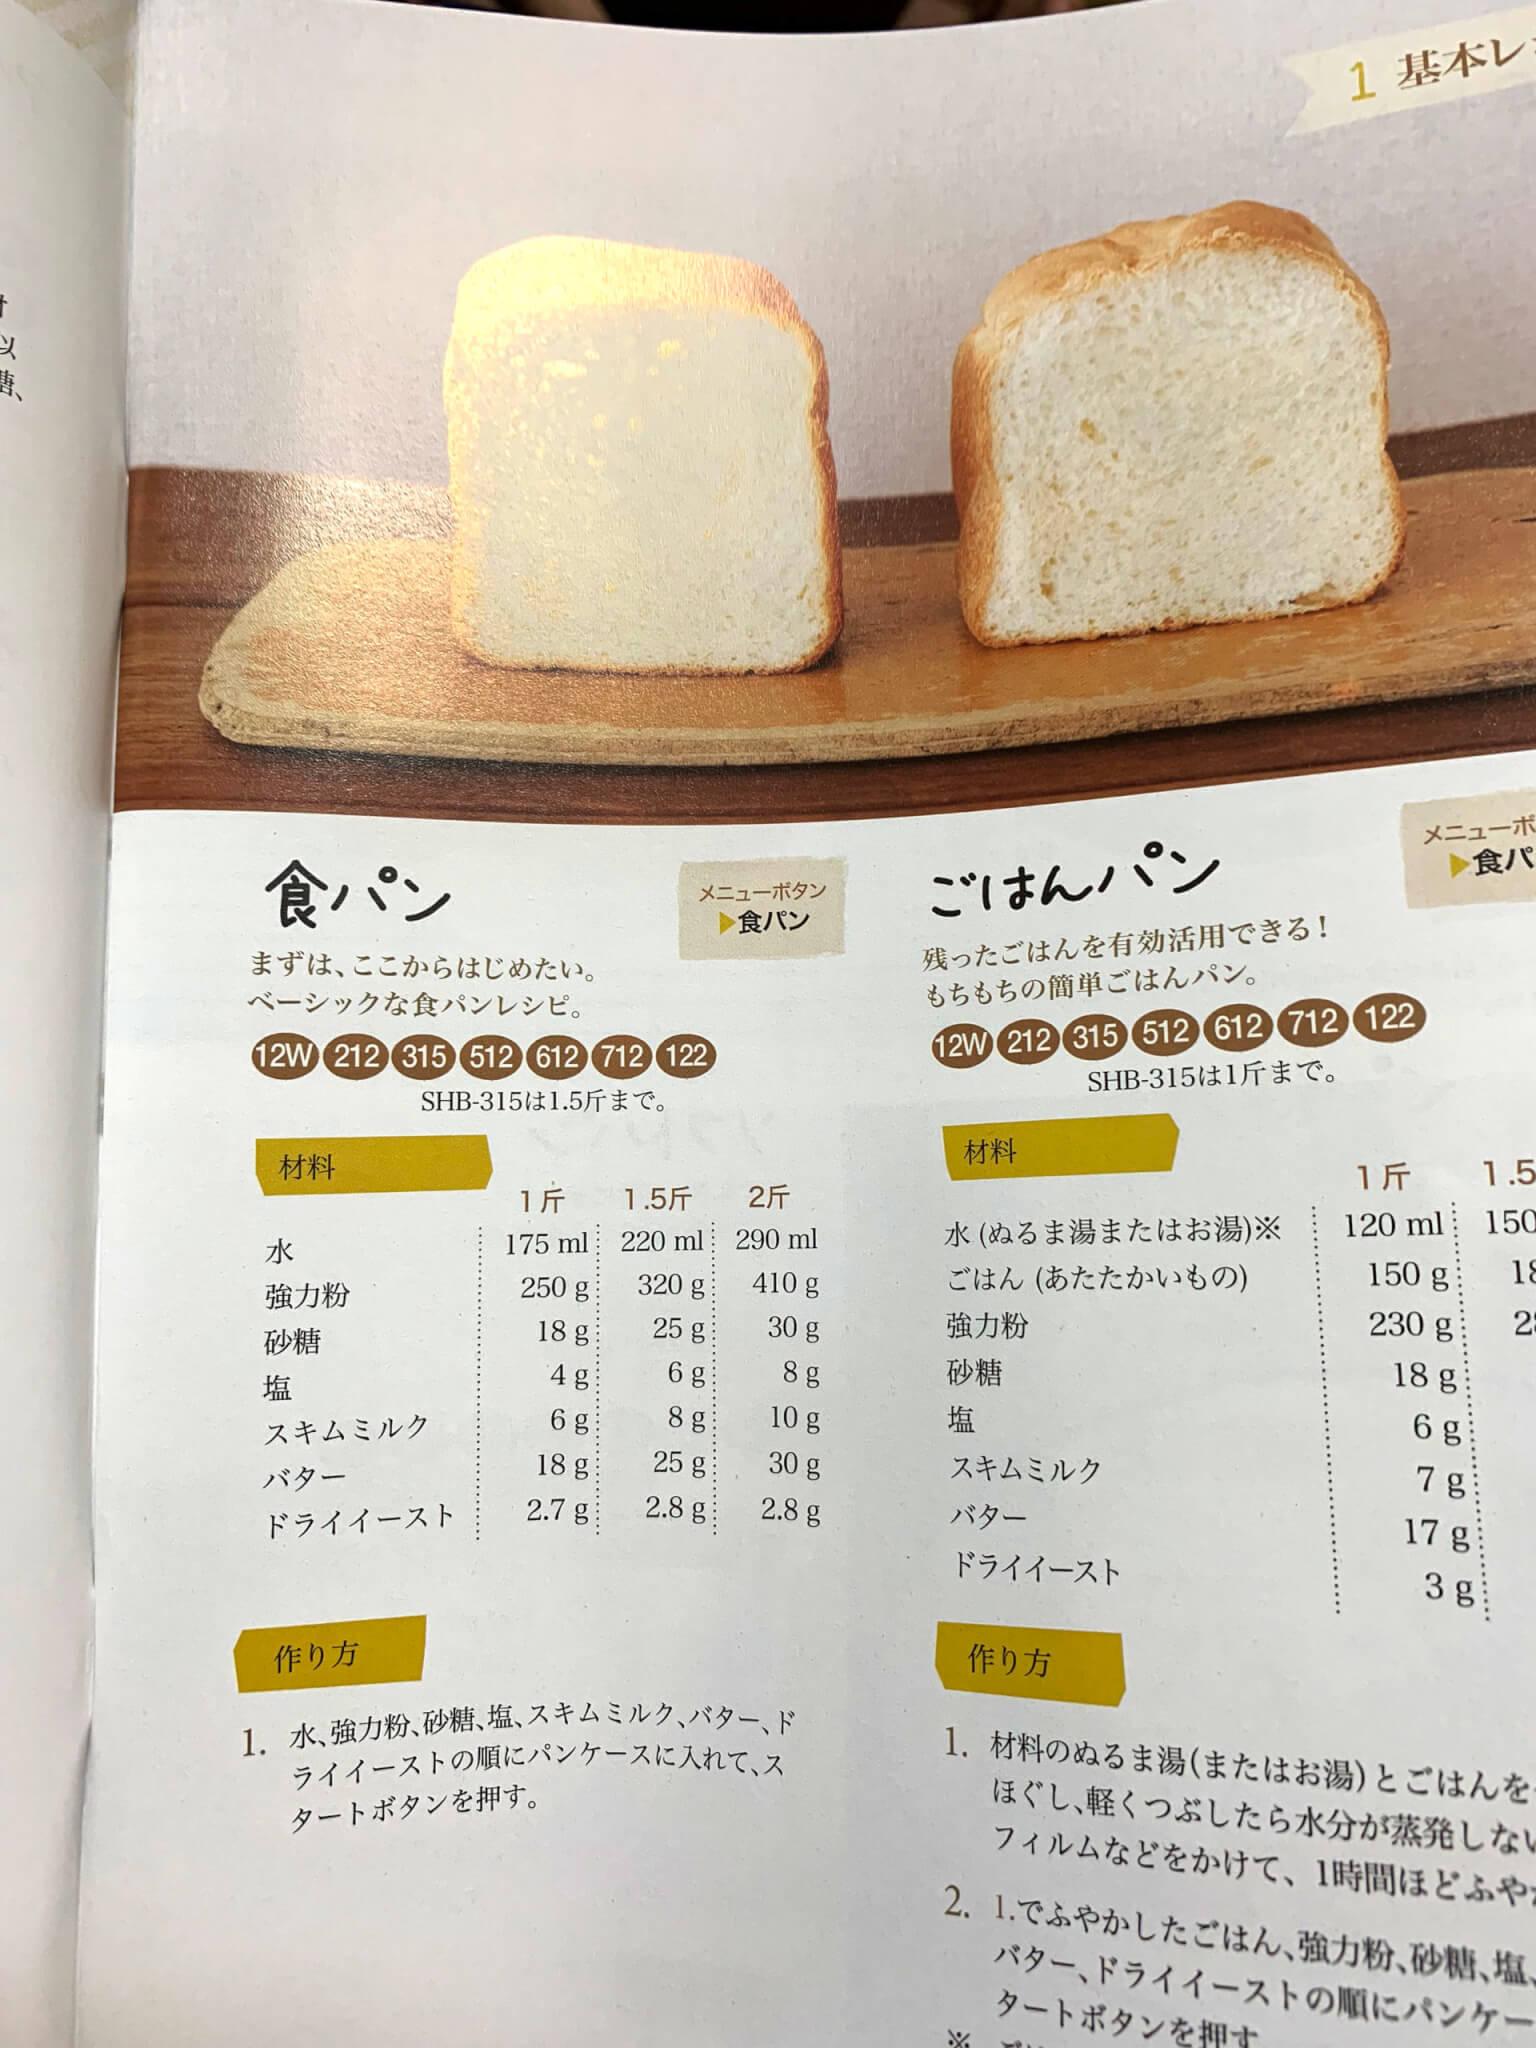 sirocaホームベーカリーSHB-712 まずは基本のパン作り